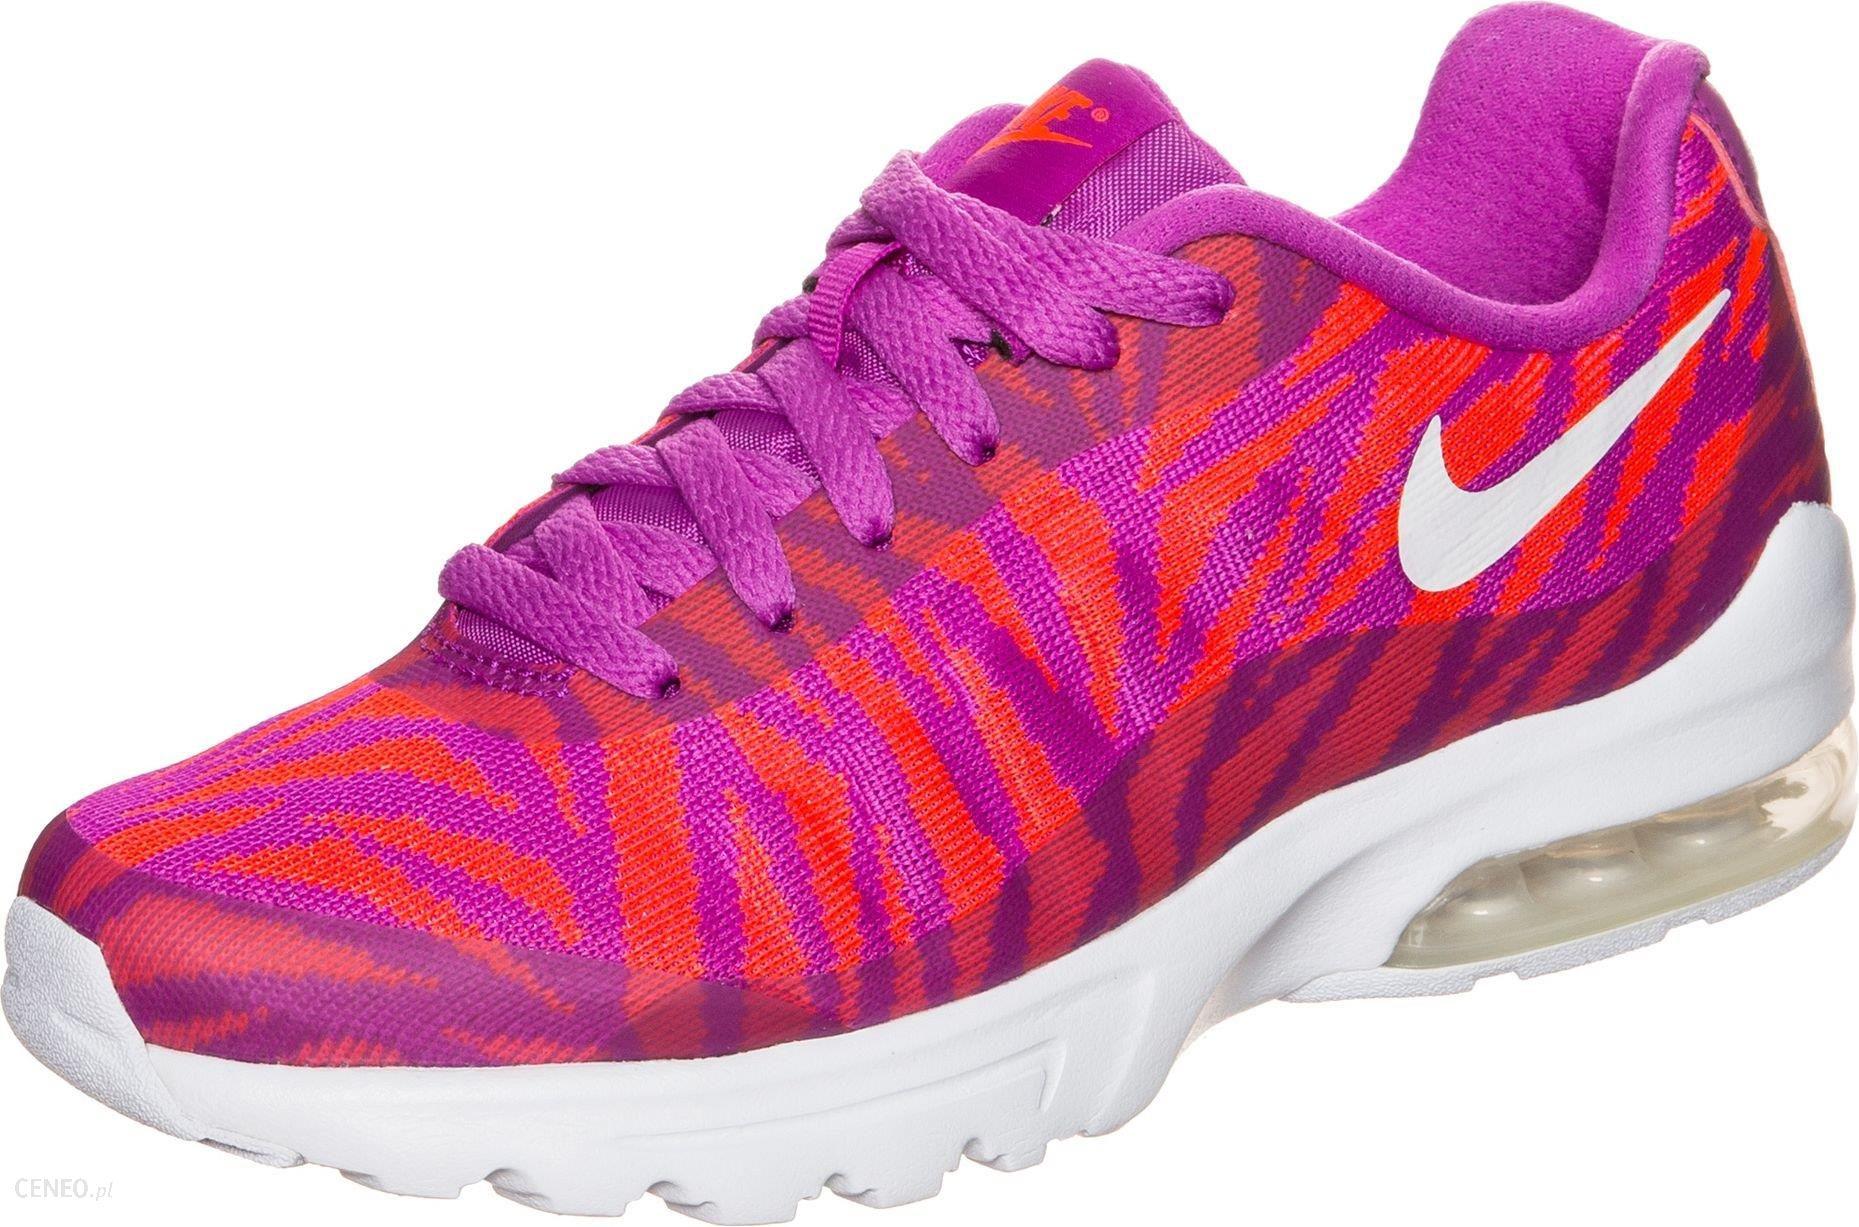 Buty Damskie Nike Wmns Air Max 95 •cena 518,99 zł•Czarne